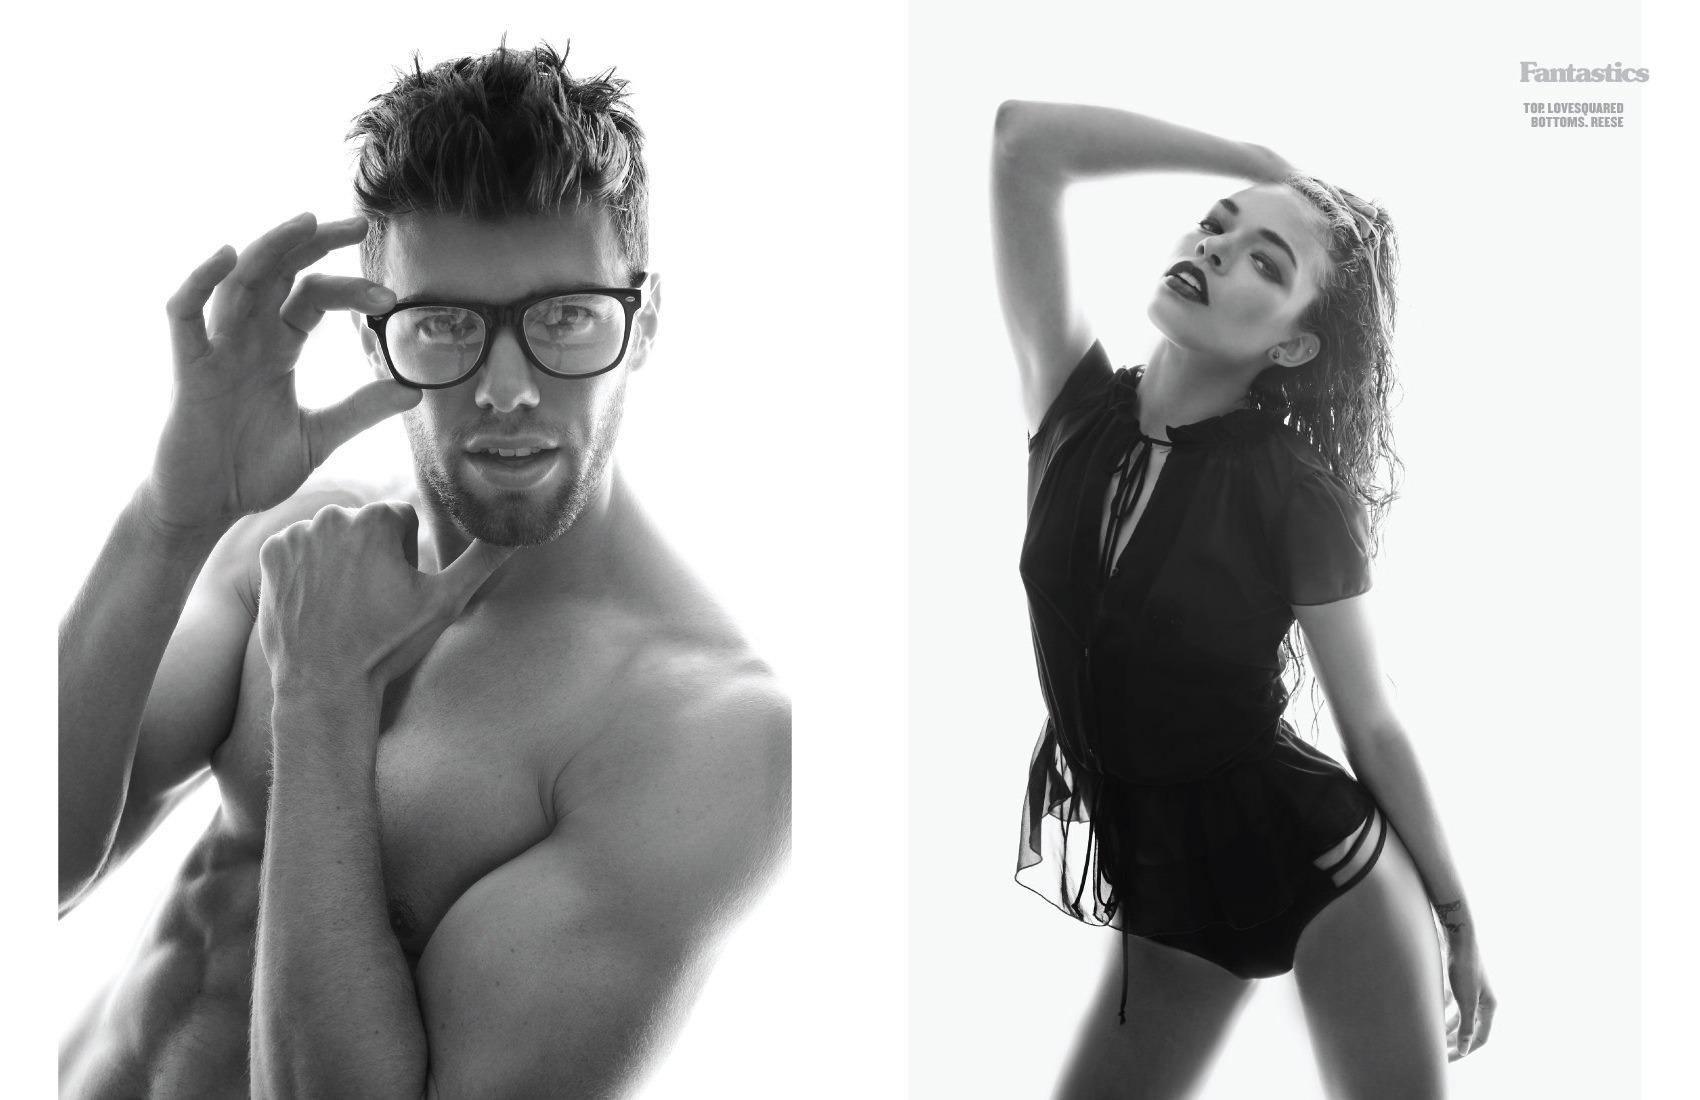 """#Fashion >> Ropa, Modelos & Tendencias """"Now: ANTM Cycle 23 (Rita Ora, Nueva Host)"""" - Página 8 Kz0PIUhp"""